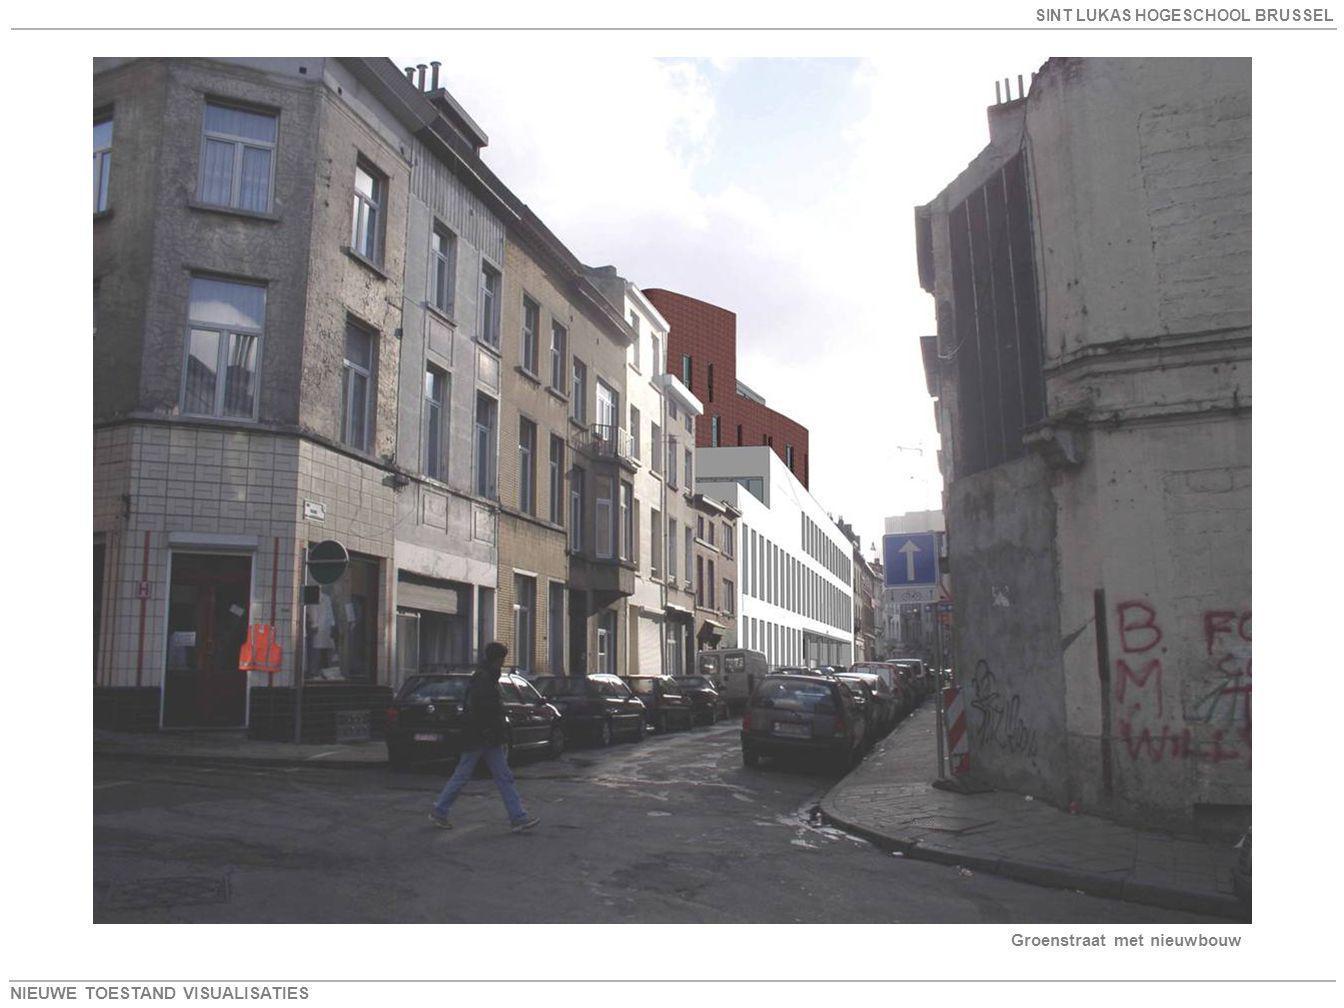 Groenstraat met nieuwbouw